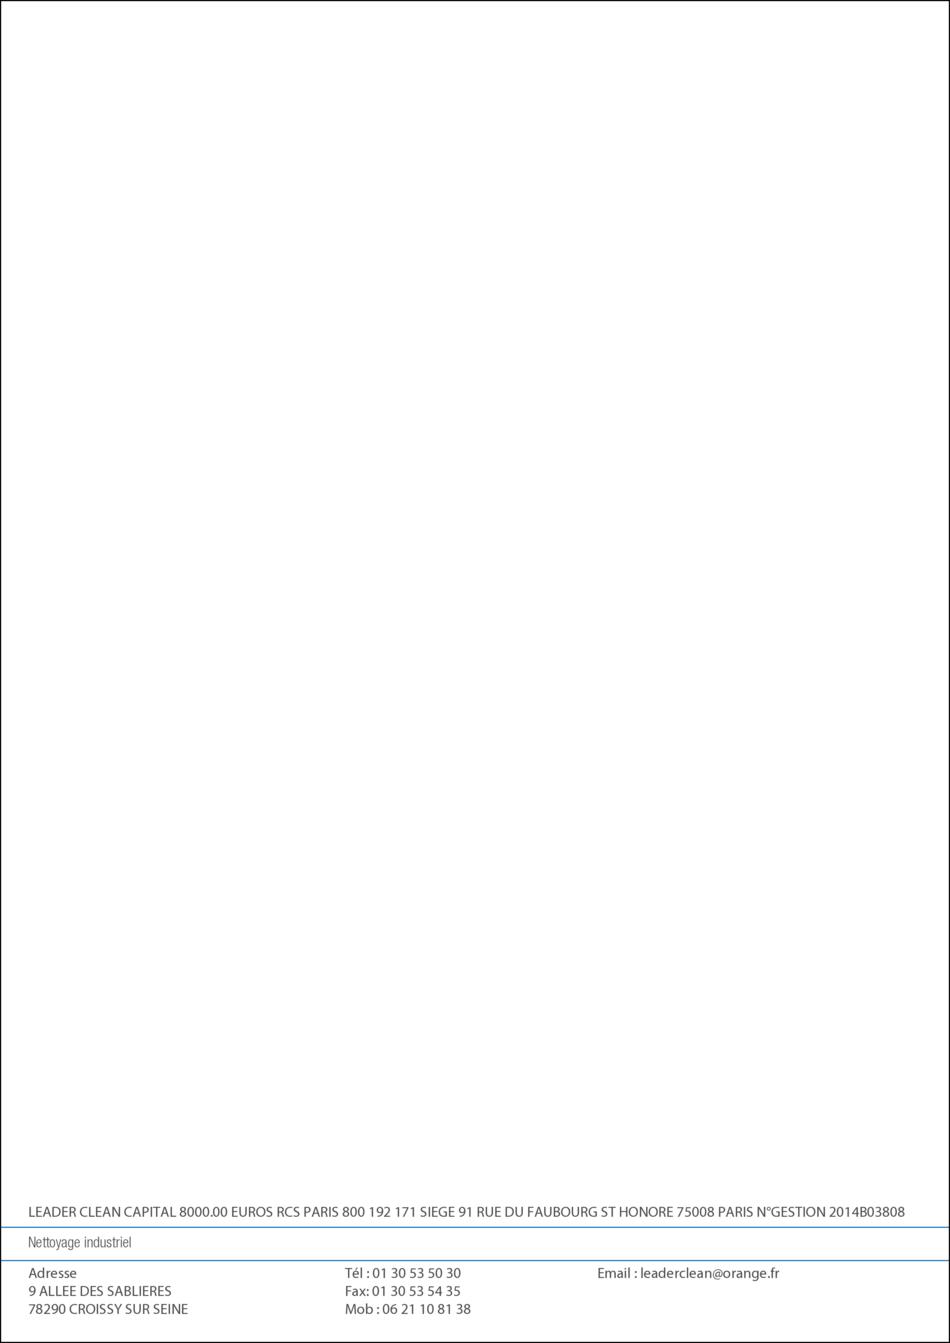 exemple de logo cr u00e9er avec logogenie fr